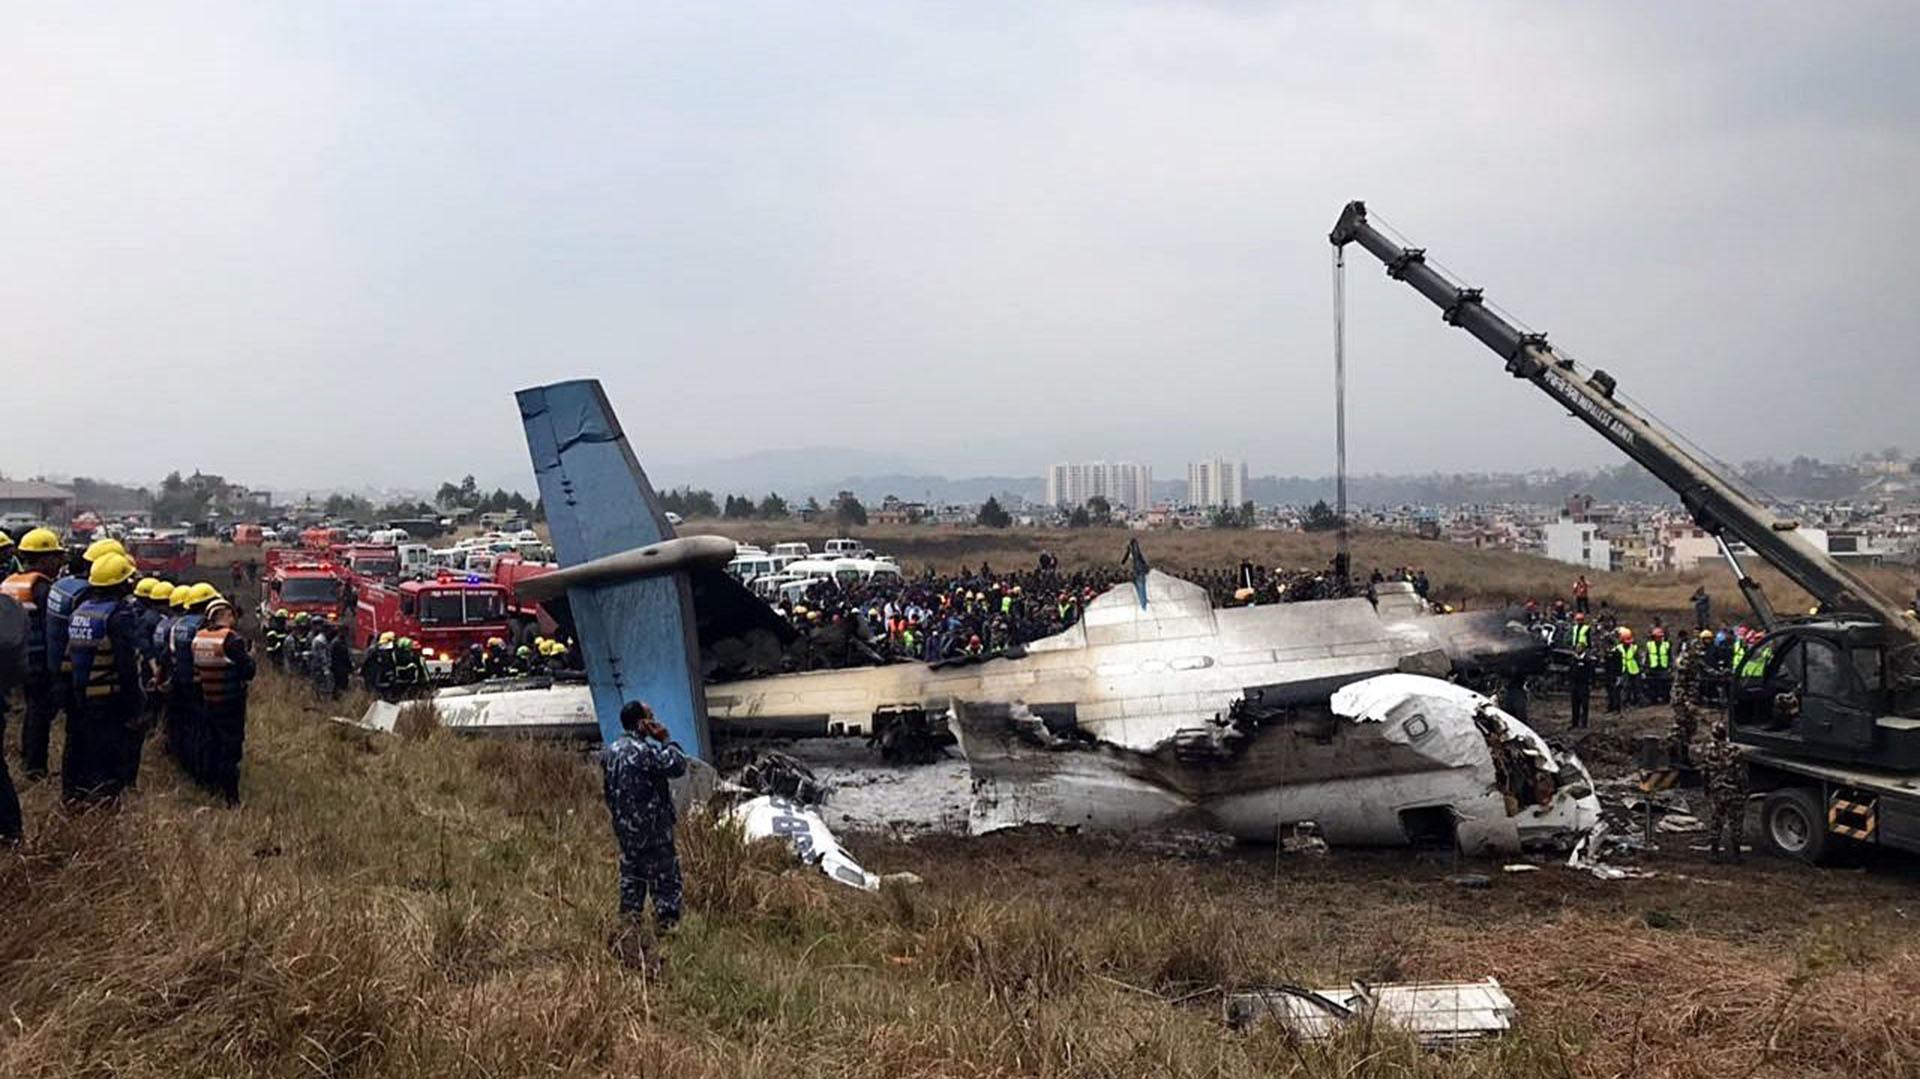 Los equipos de rescate trabajan junto al avión que se estrelló en el aeropuerto de Katmandú